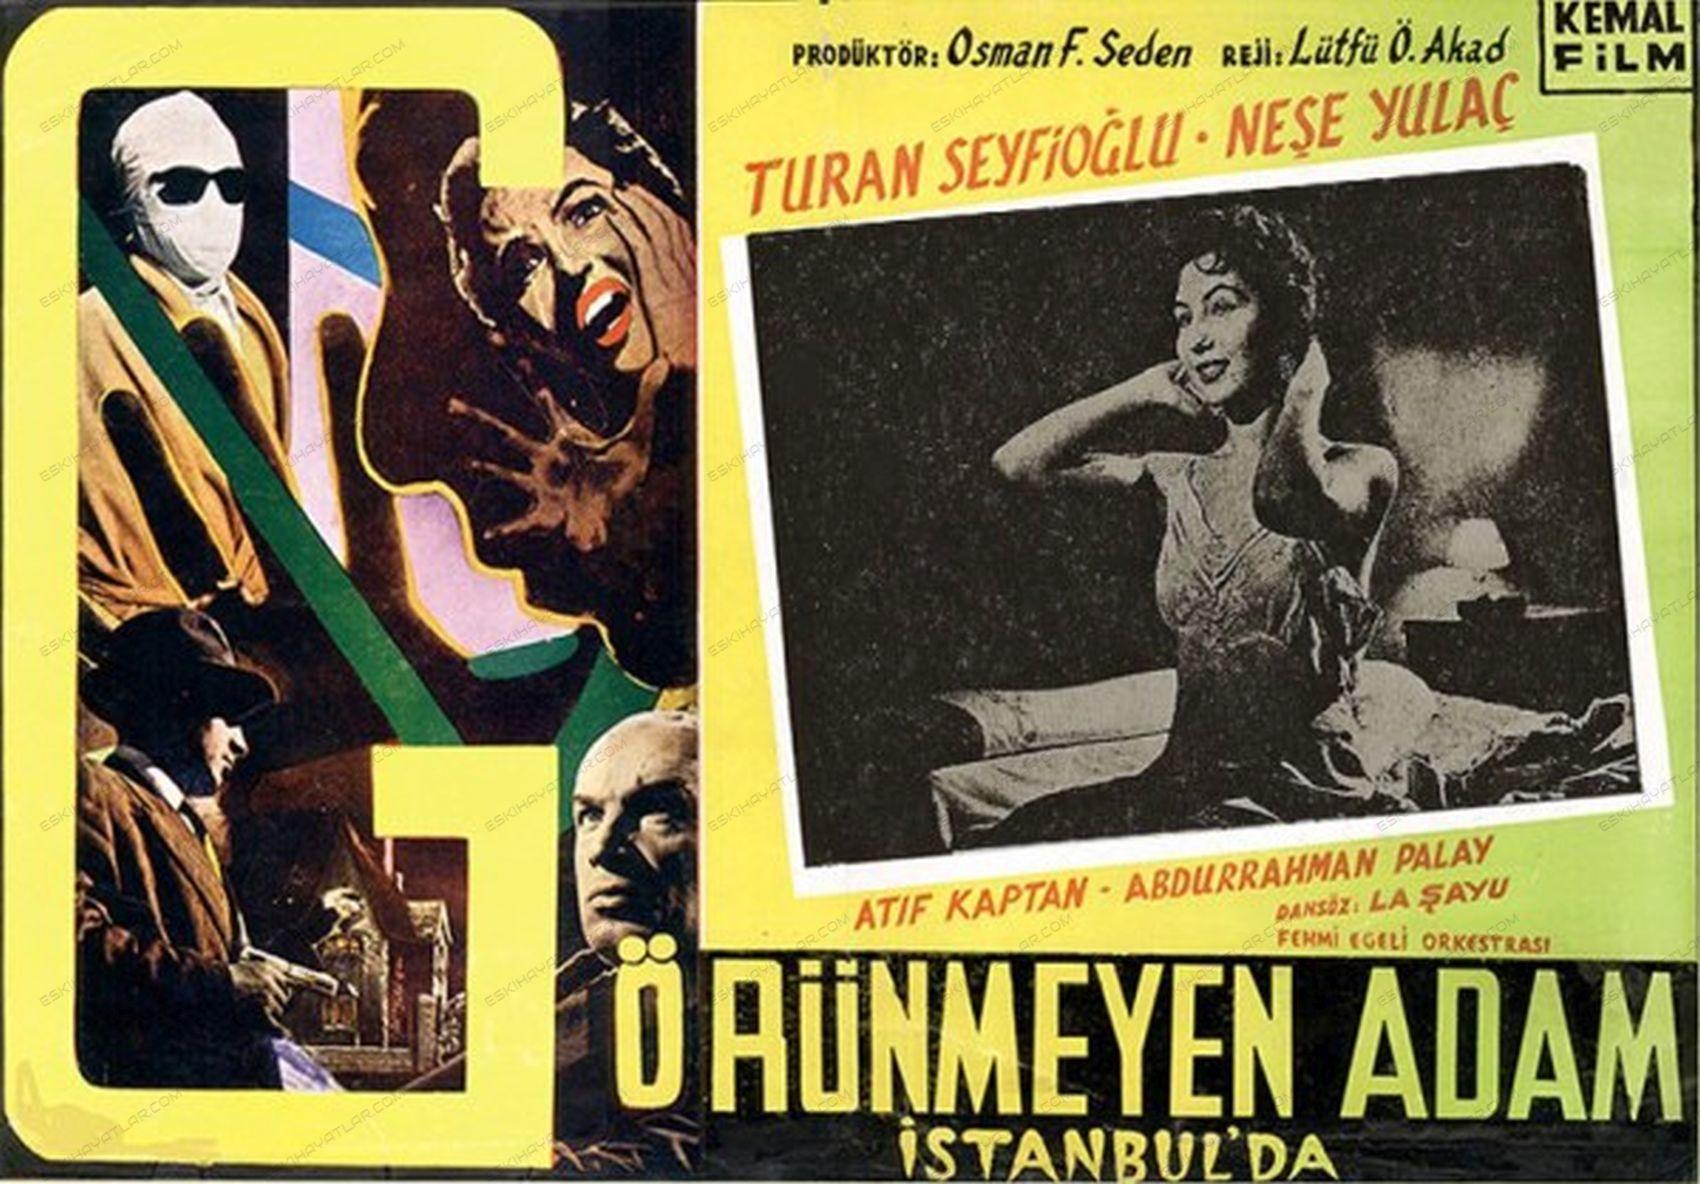 0327-gorunmeyen-adam-istanbulda-1955-atif-kaptan-nese-yulac-fantastik-turk-sinemasi-eski-film-afisleri (11)